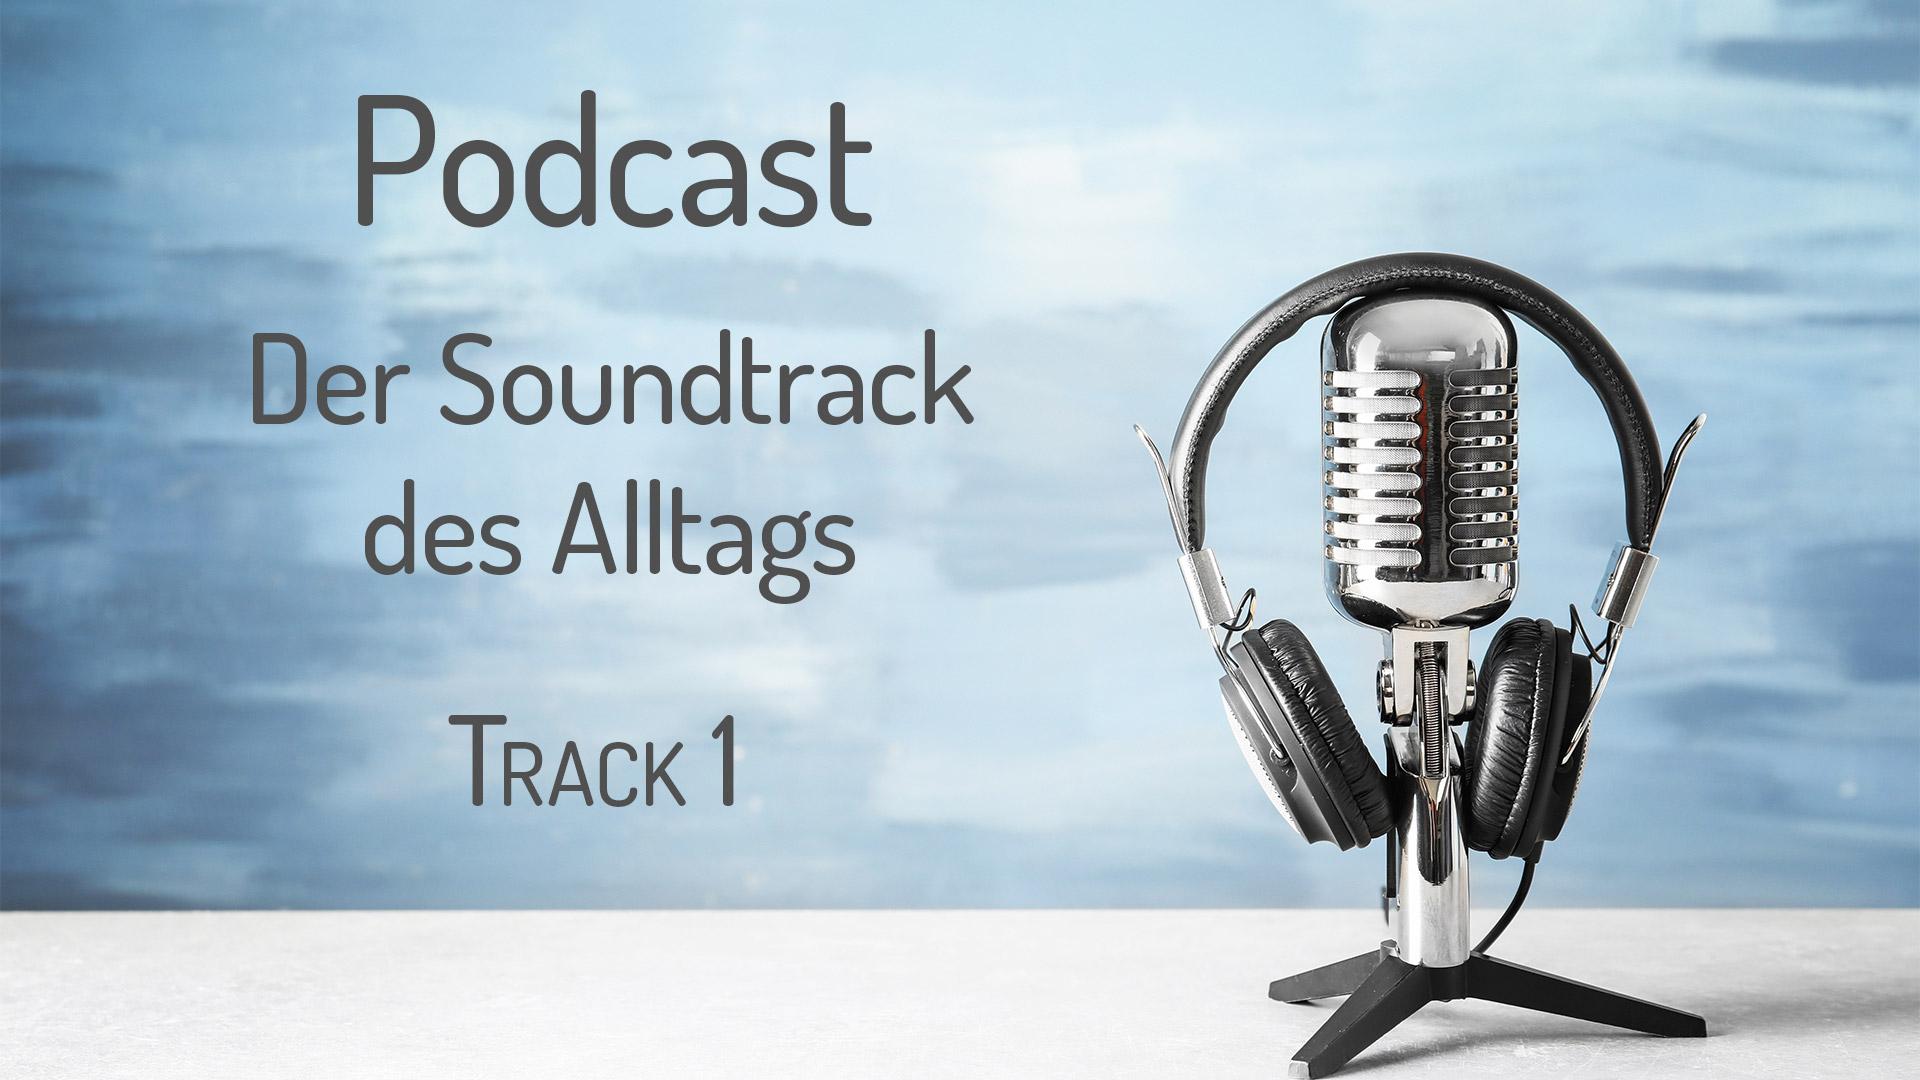 Podcast Der Soundtrack des Alltrags Track 1